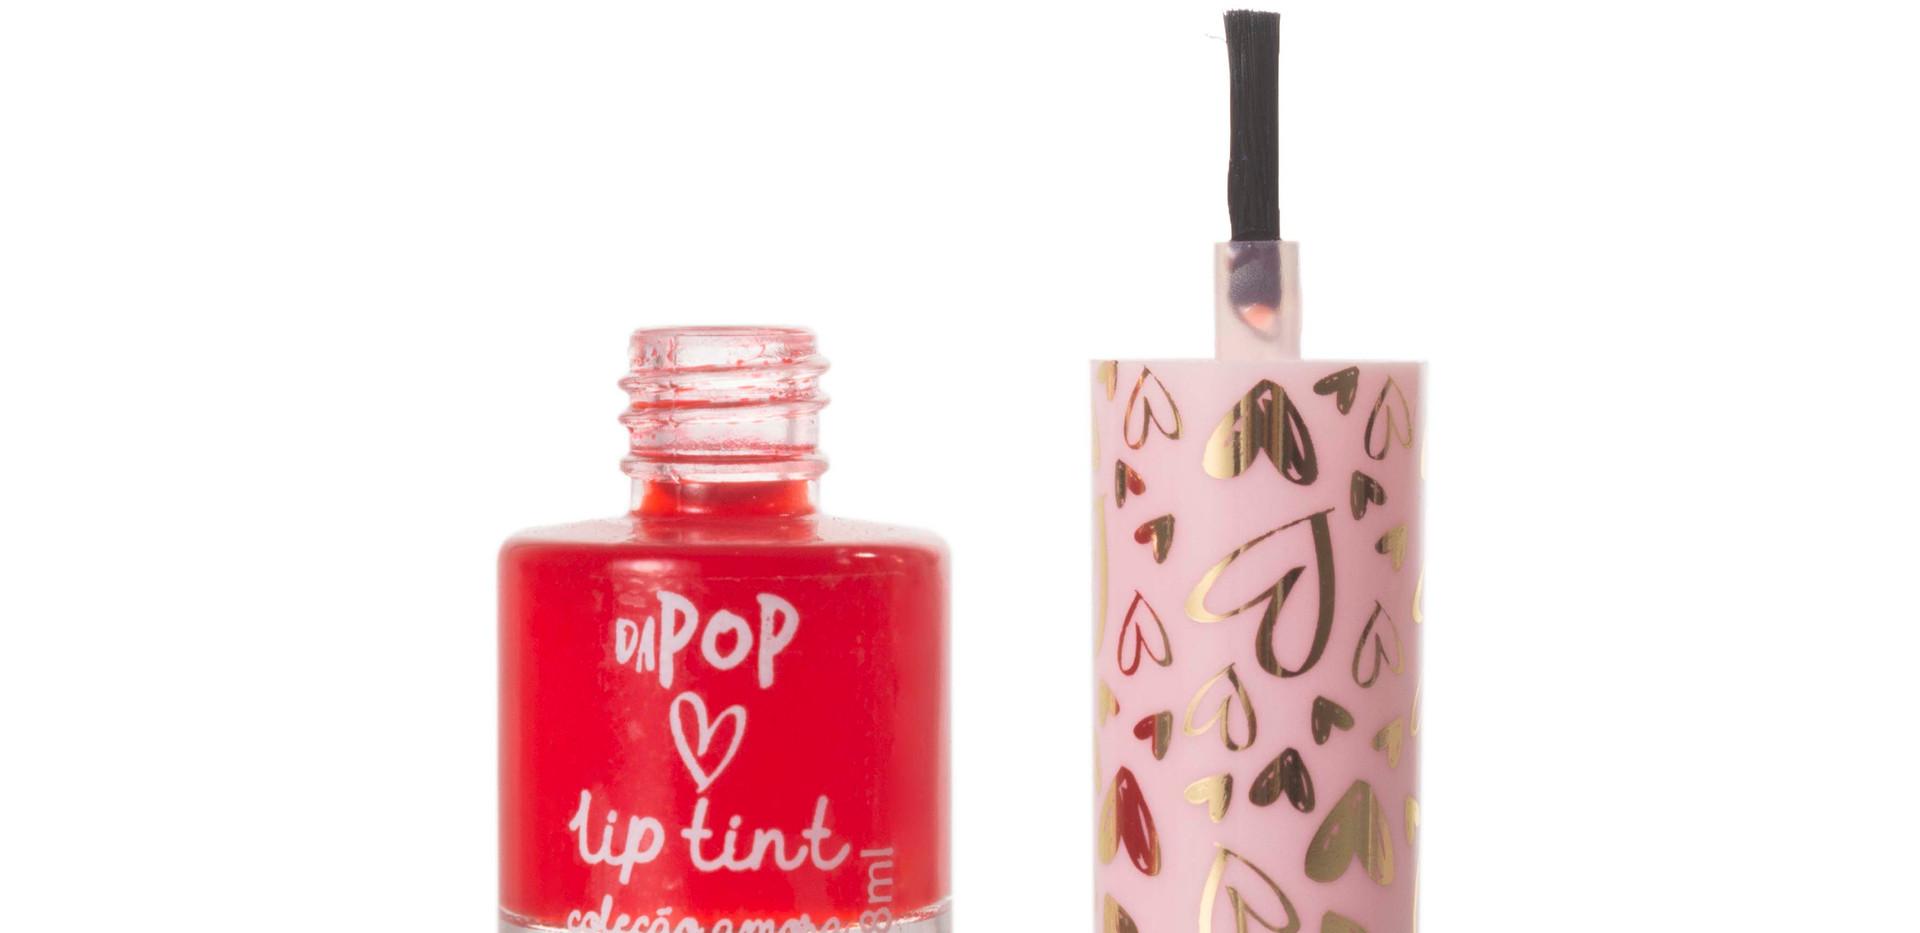 Lip Tint Dapop - DP2024